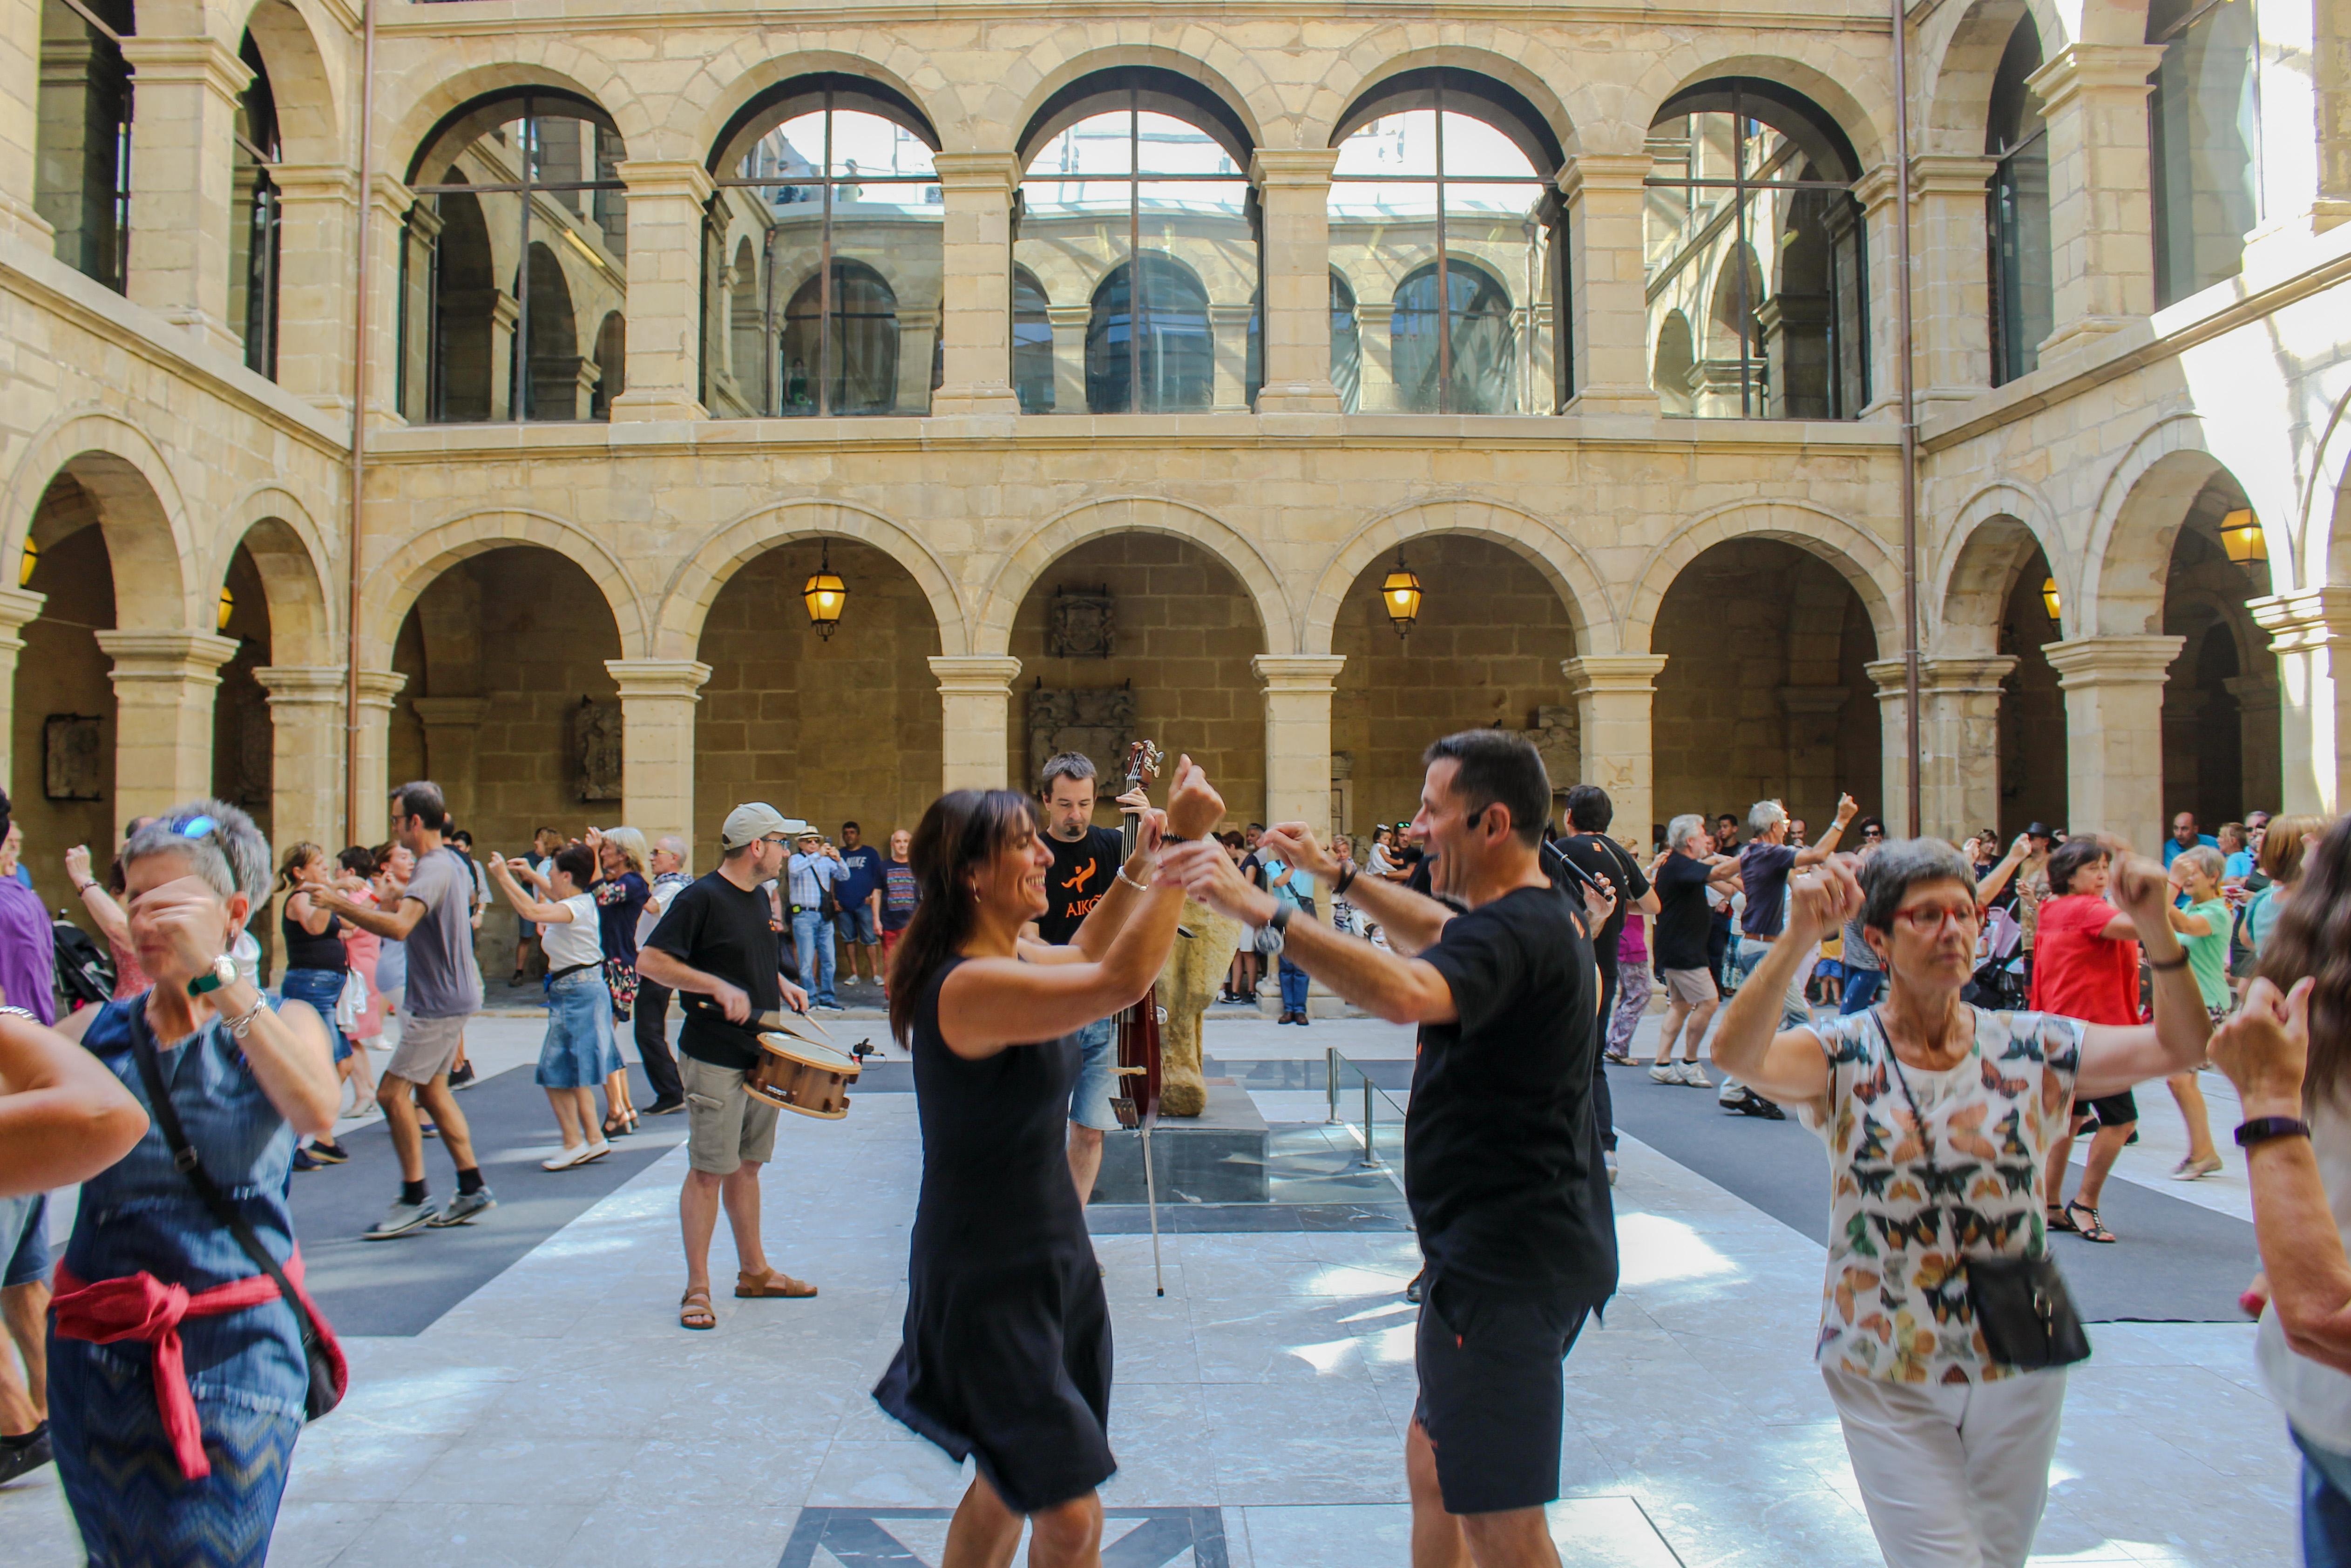 Euskal Museoak ate irekien eguna antolatuko du urriaren 13an (igandea), eta dantza tradizionalak izango dira Aiko Taldearen eskutik